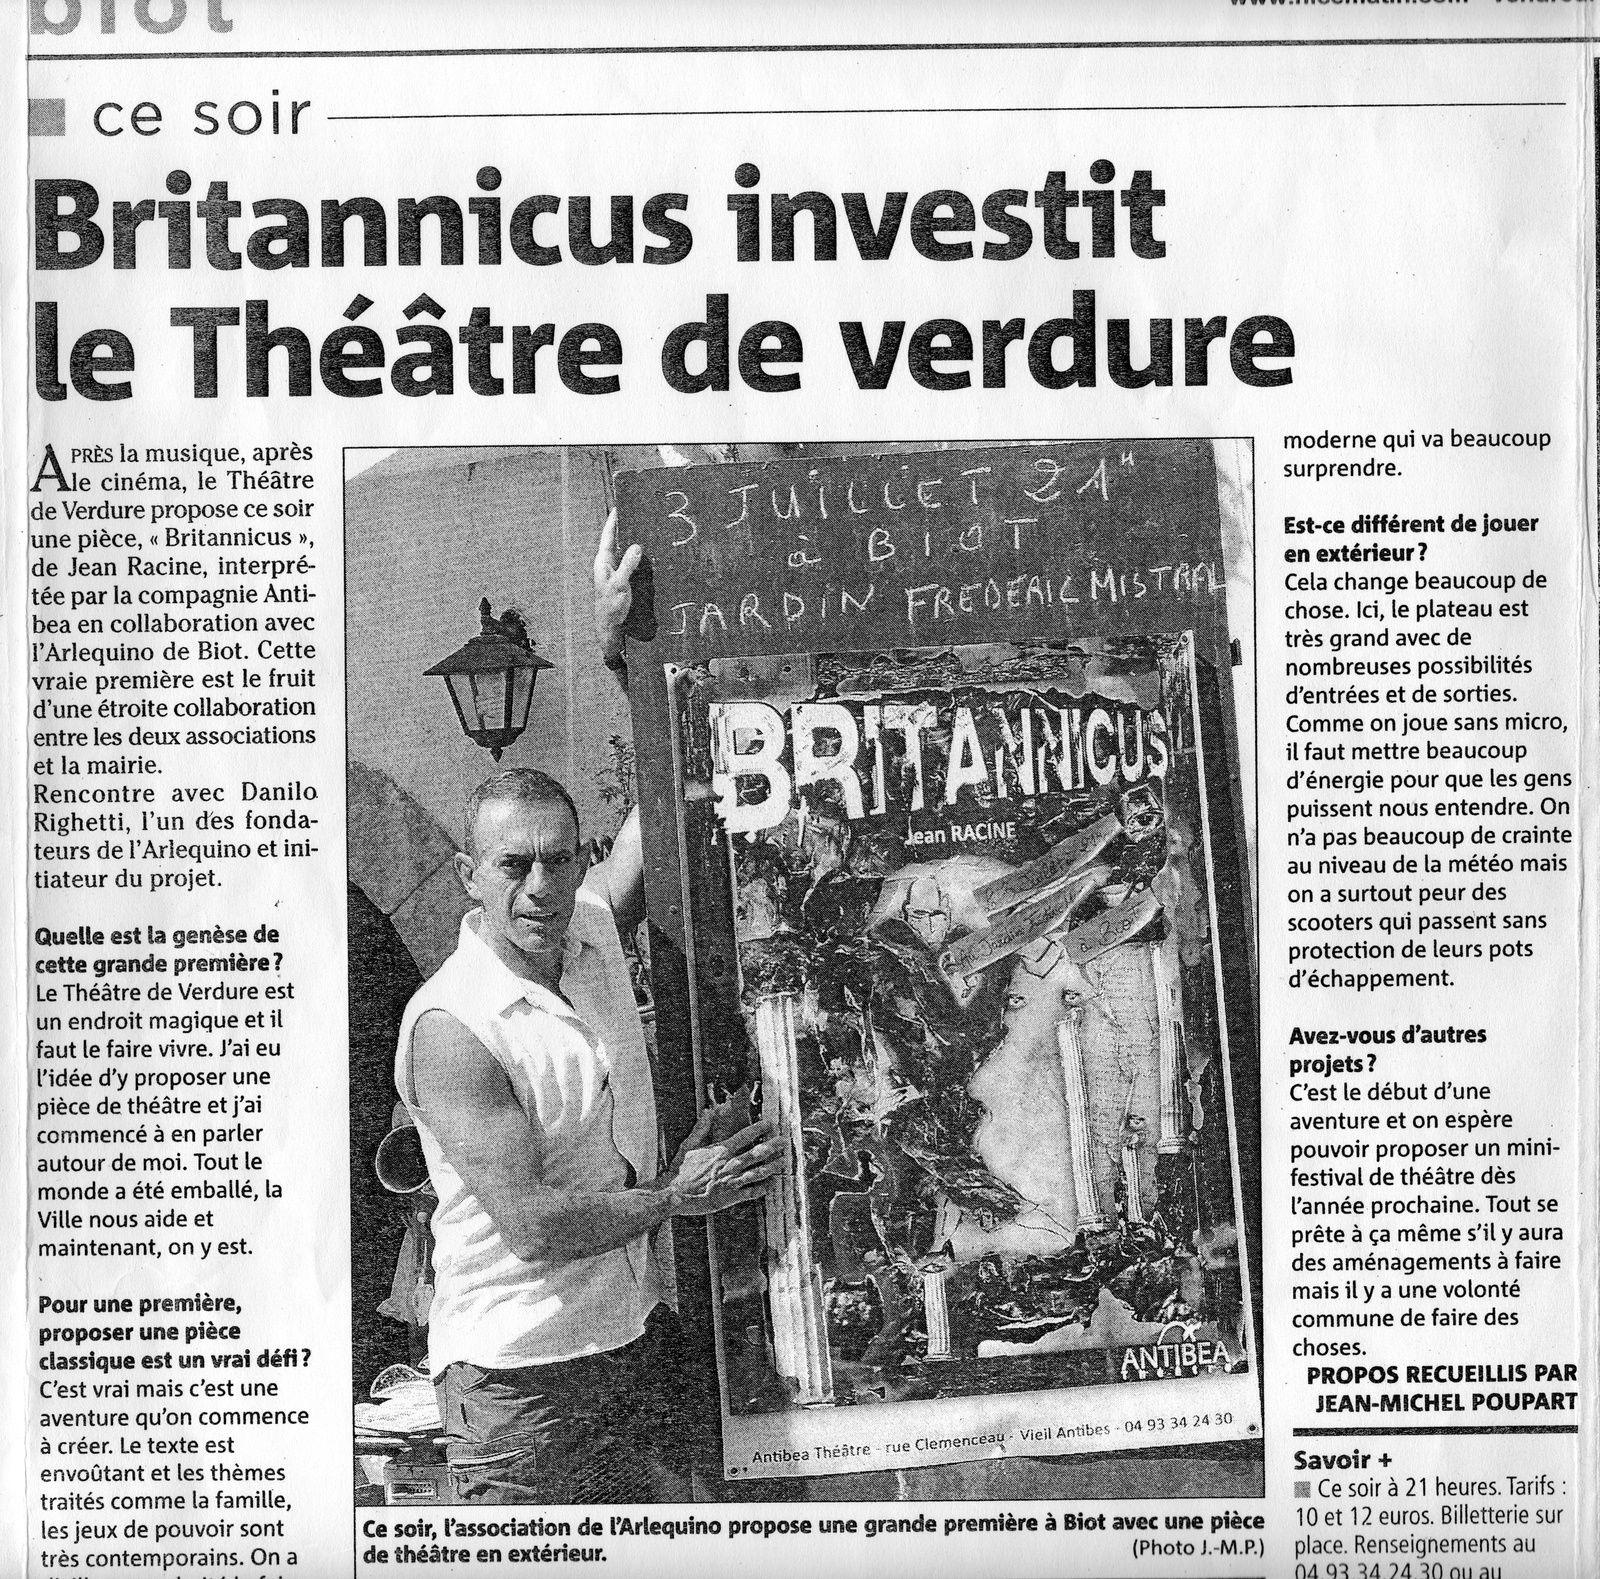 BRITANNICUS investit le Théâtre de verdure